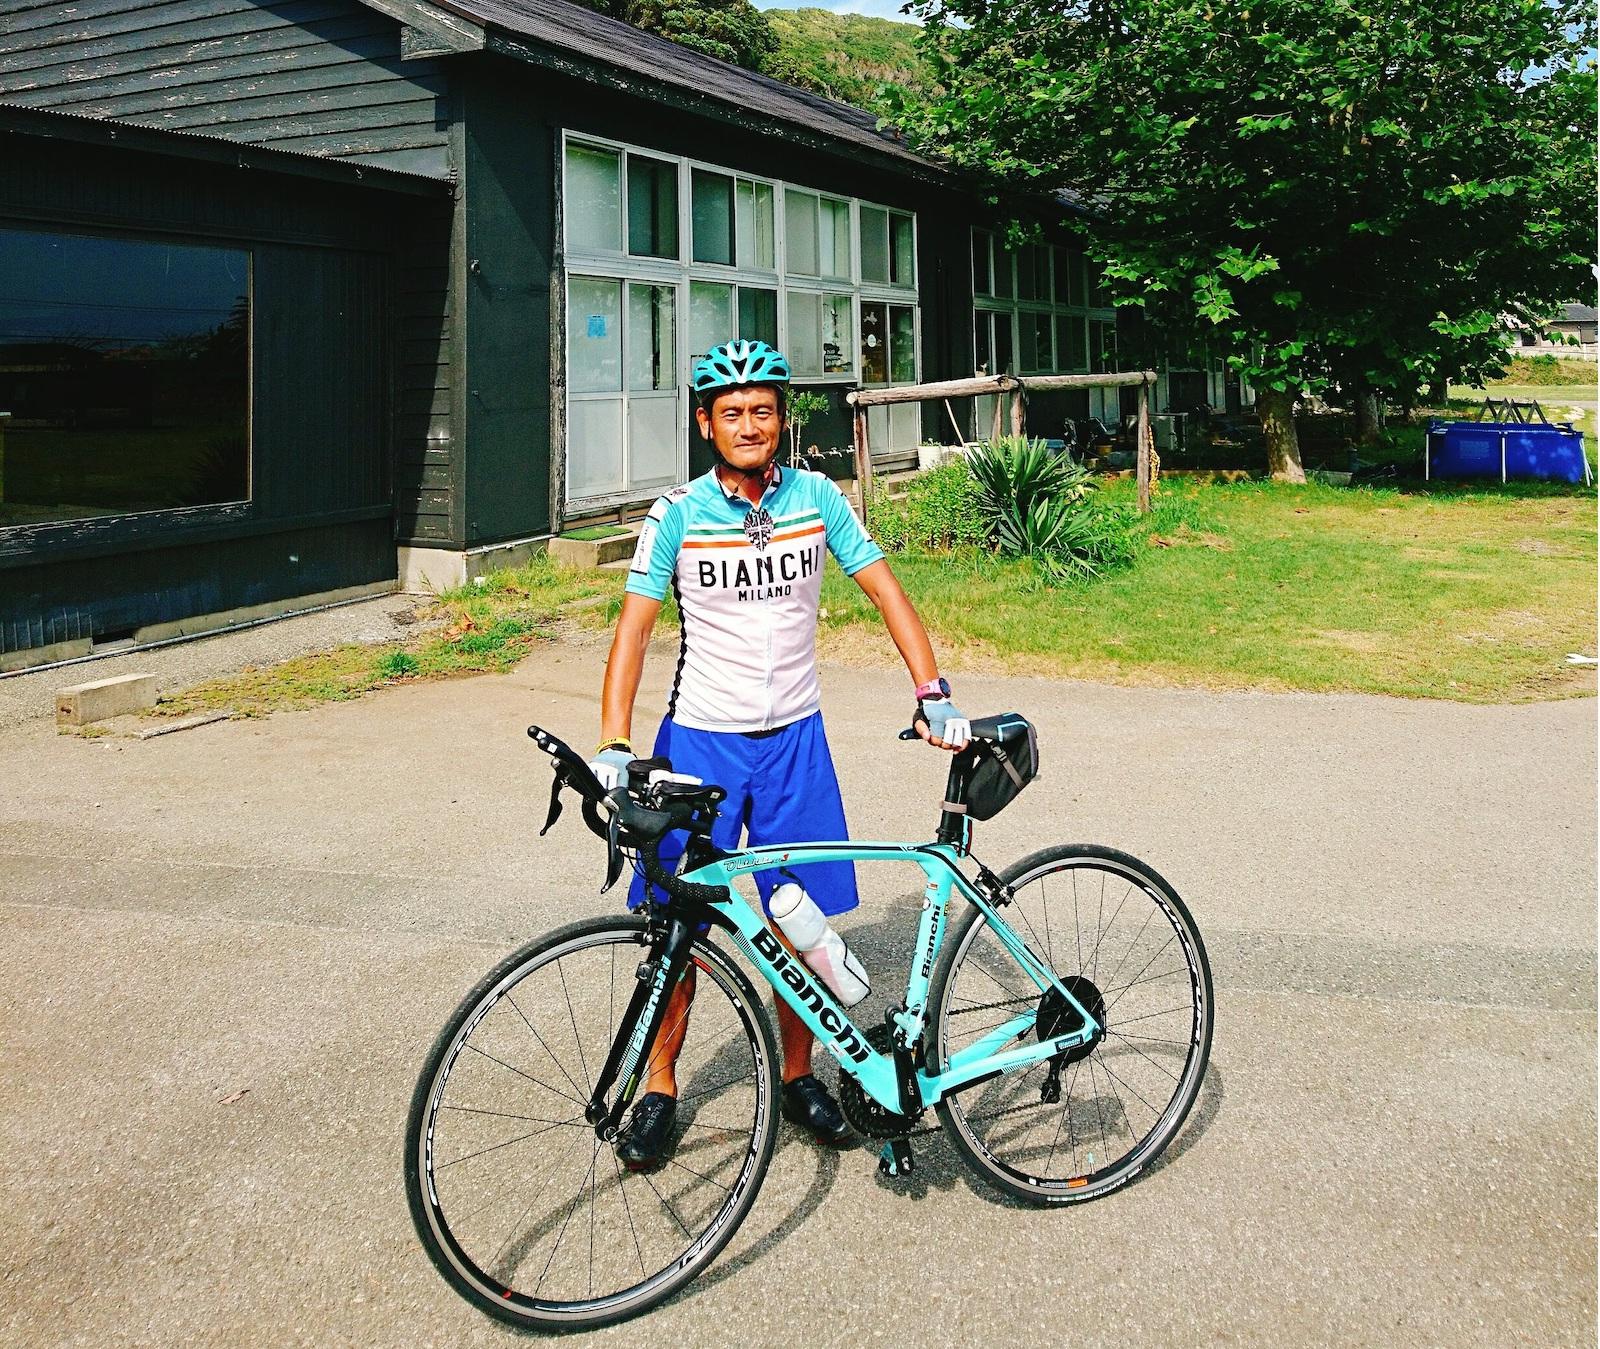 房総を自転車で回る阿部先生。観光やスポーツツーリズム提案など活動は多岐に渡ります